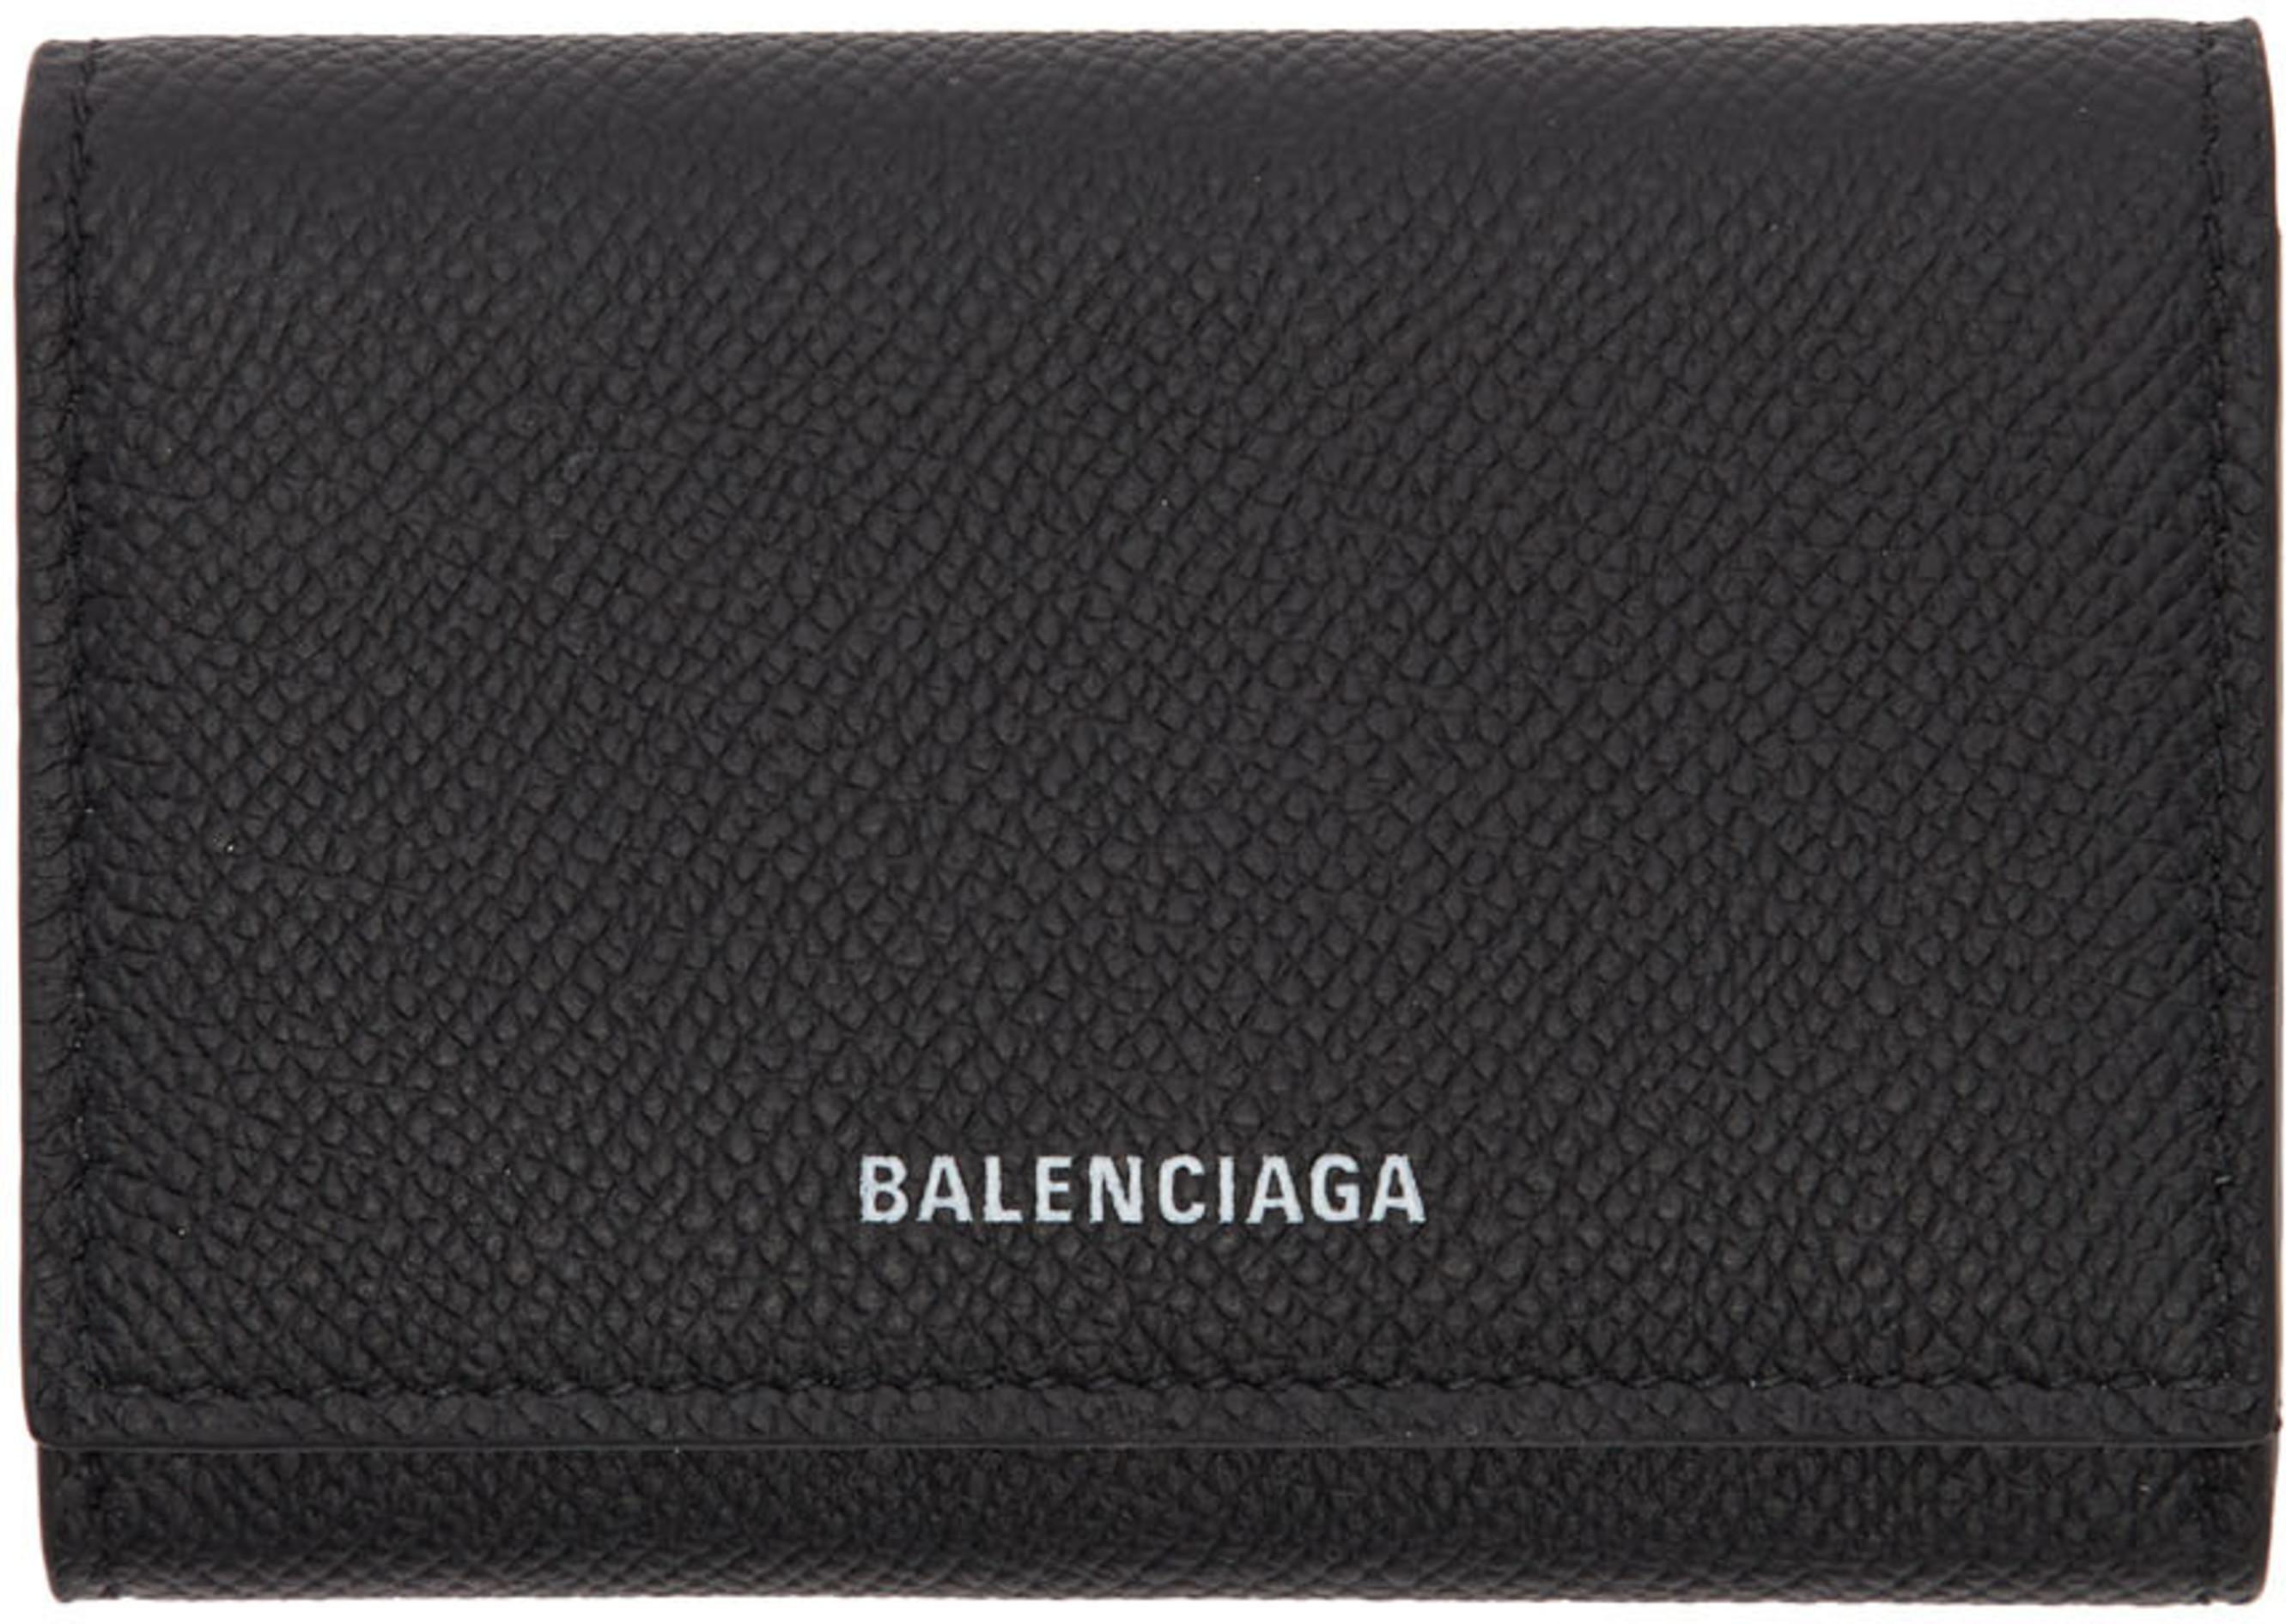 bc3a66aa65 Balenciaga for Women SS19 Collection | SSENSE